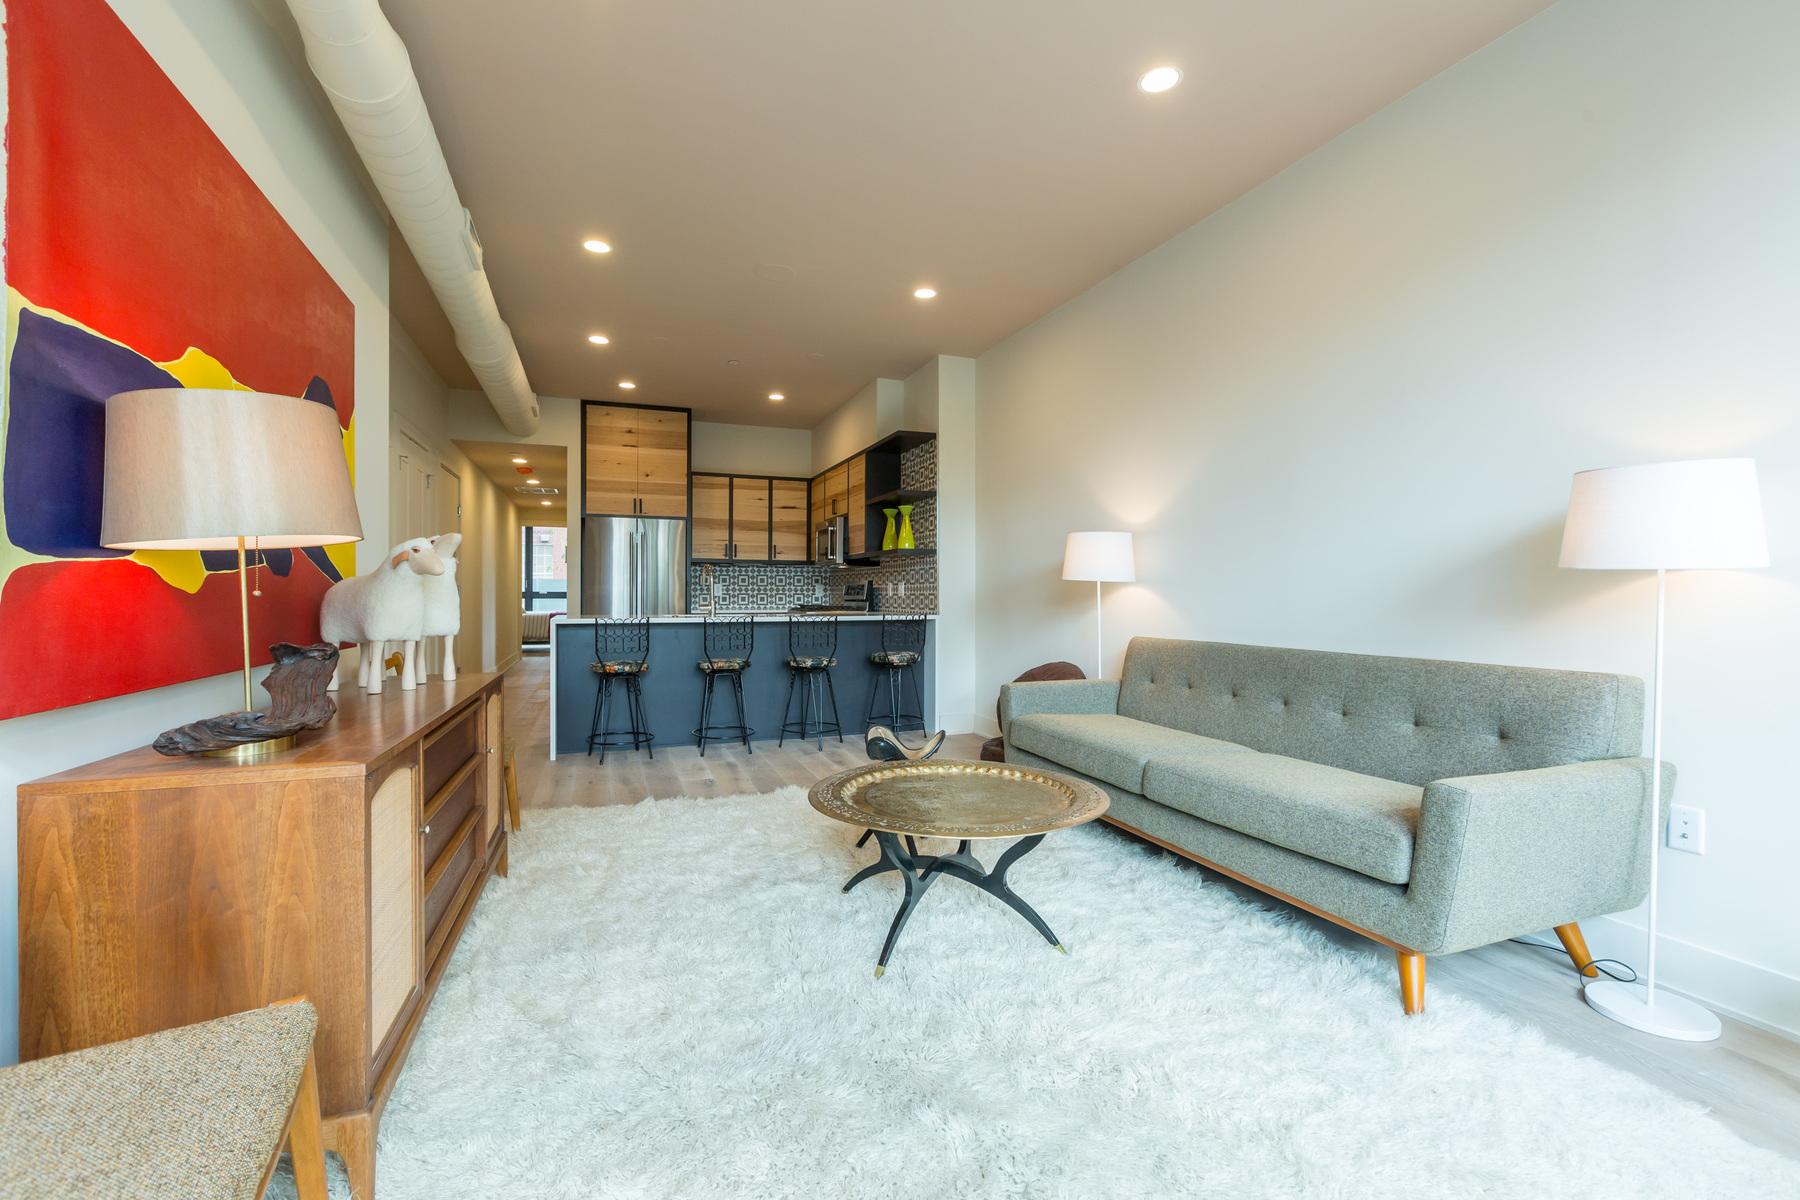 Nhà chung cư vì Bán tại 1012 Harvard Street Nw 3, Washington Washington, District Of Columbia, 20001 Hoa Kỳ